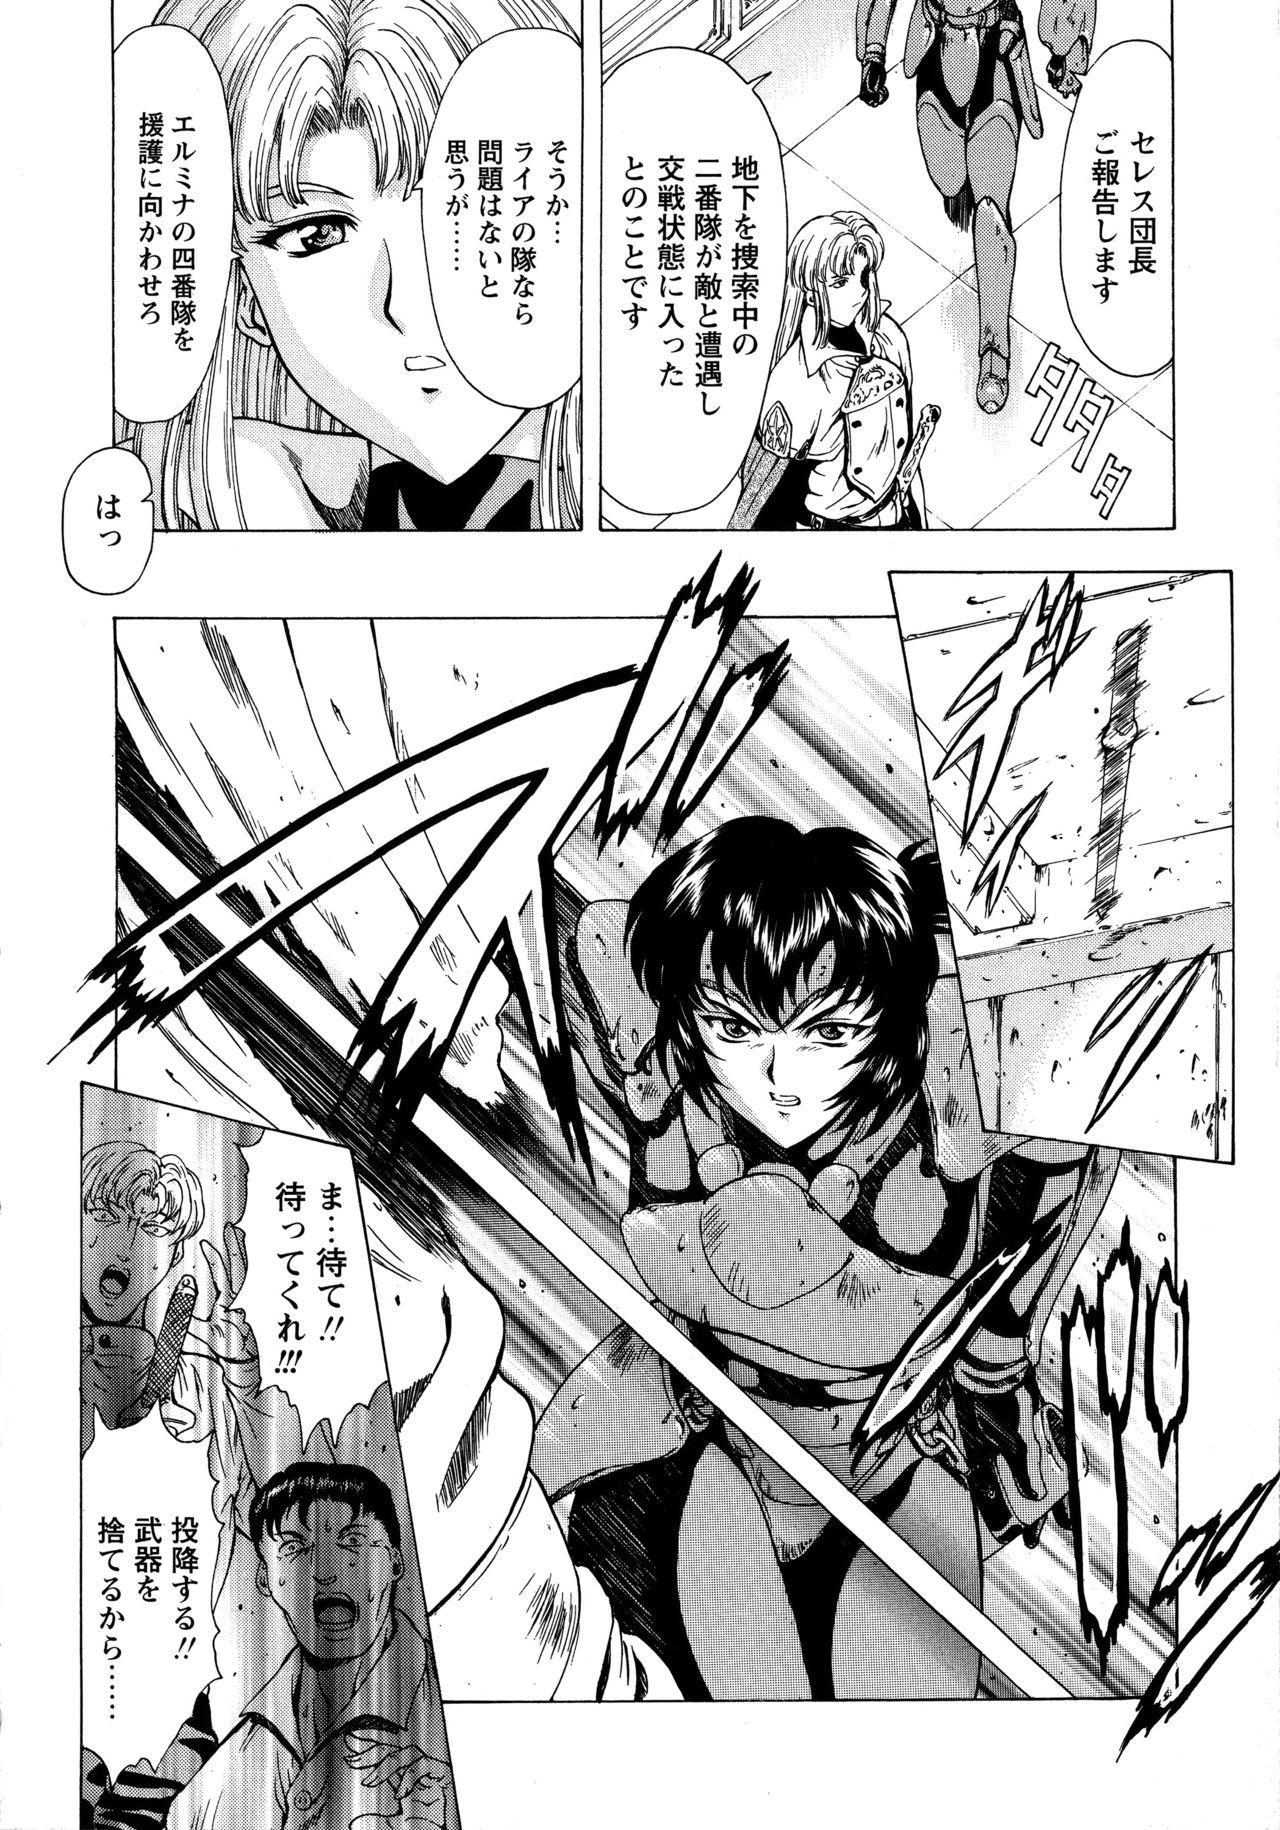 Ginryuu no Reimei Vol. 1 15